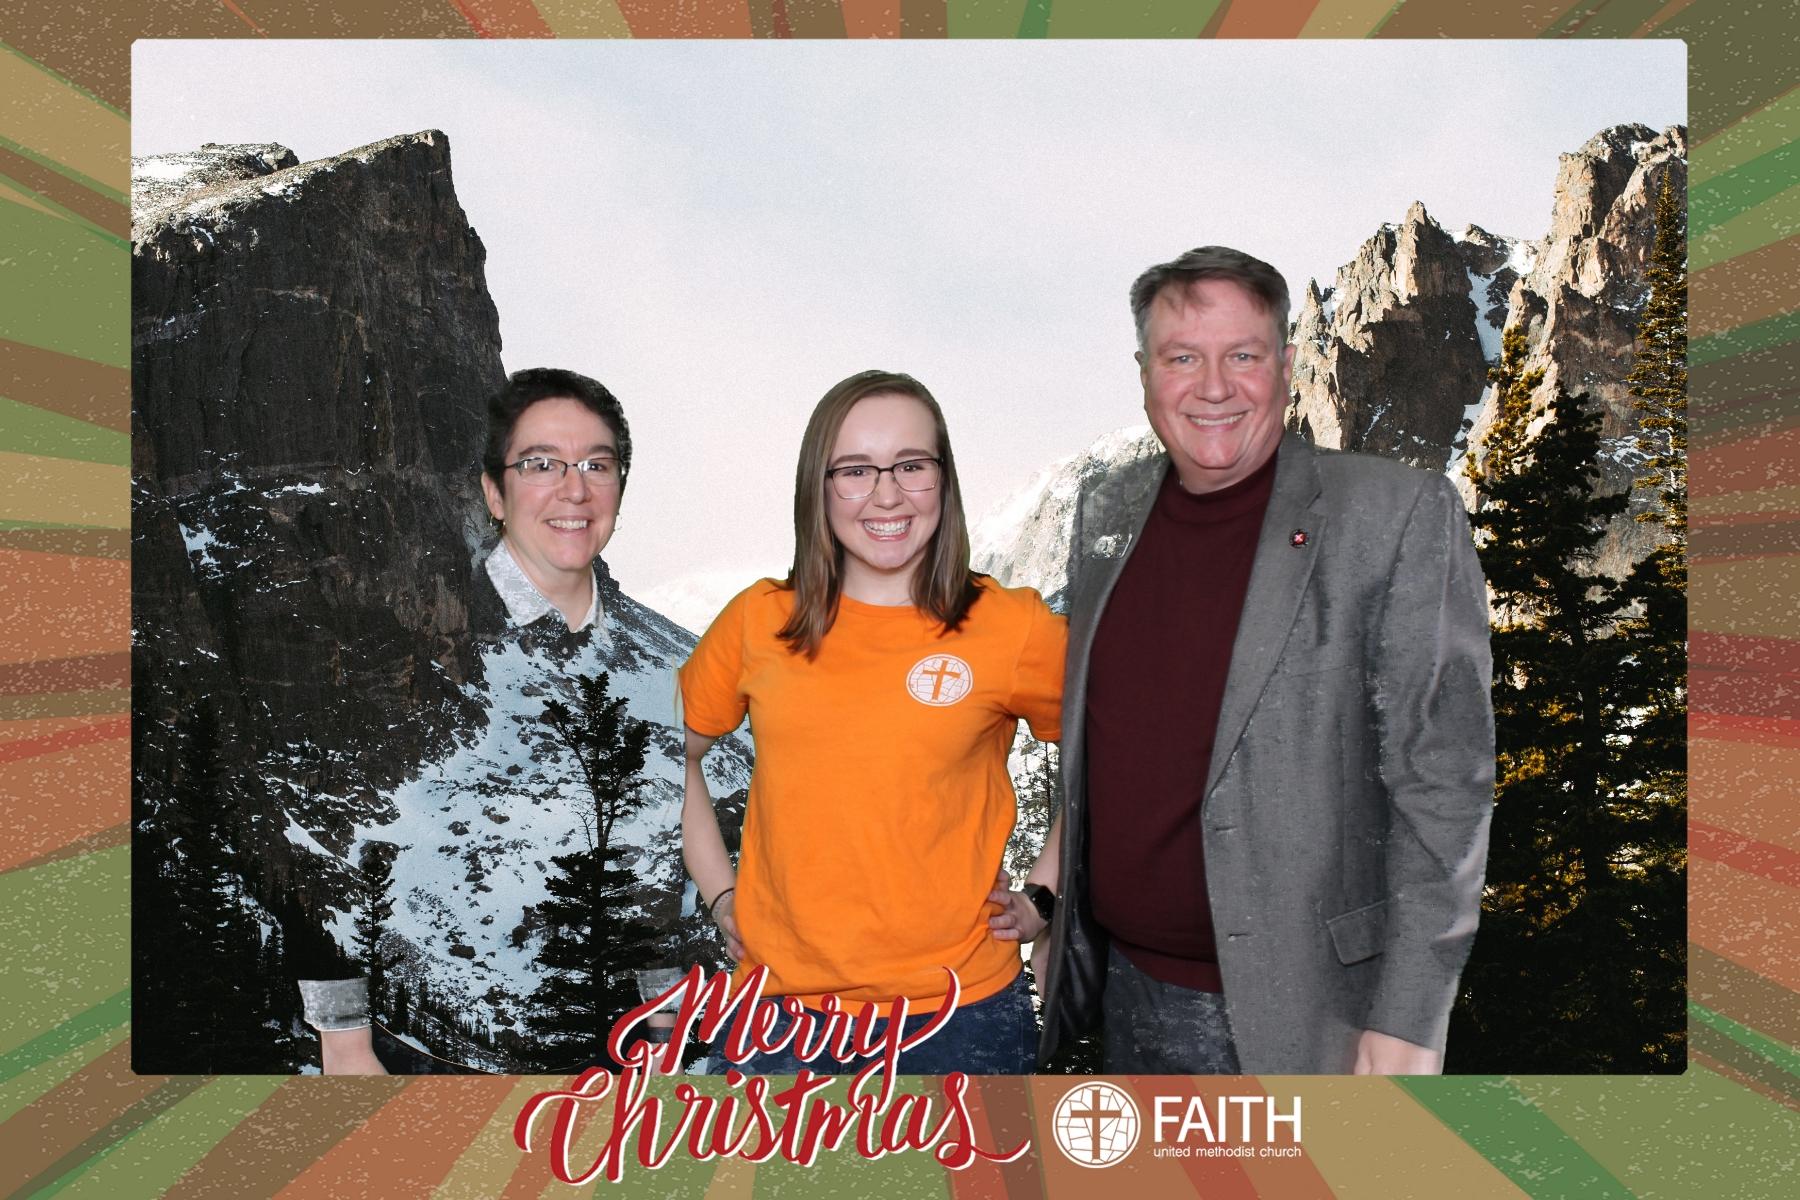 Faith2018_2018-12-24_17-08-23.jpg